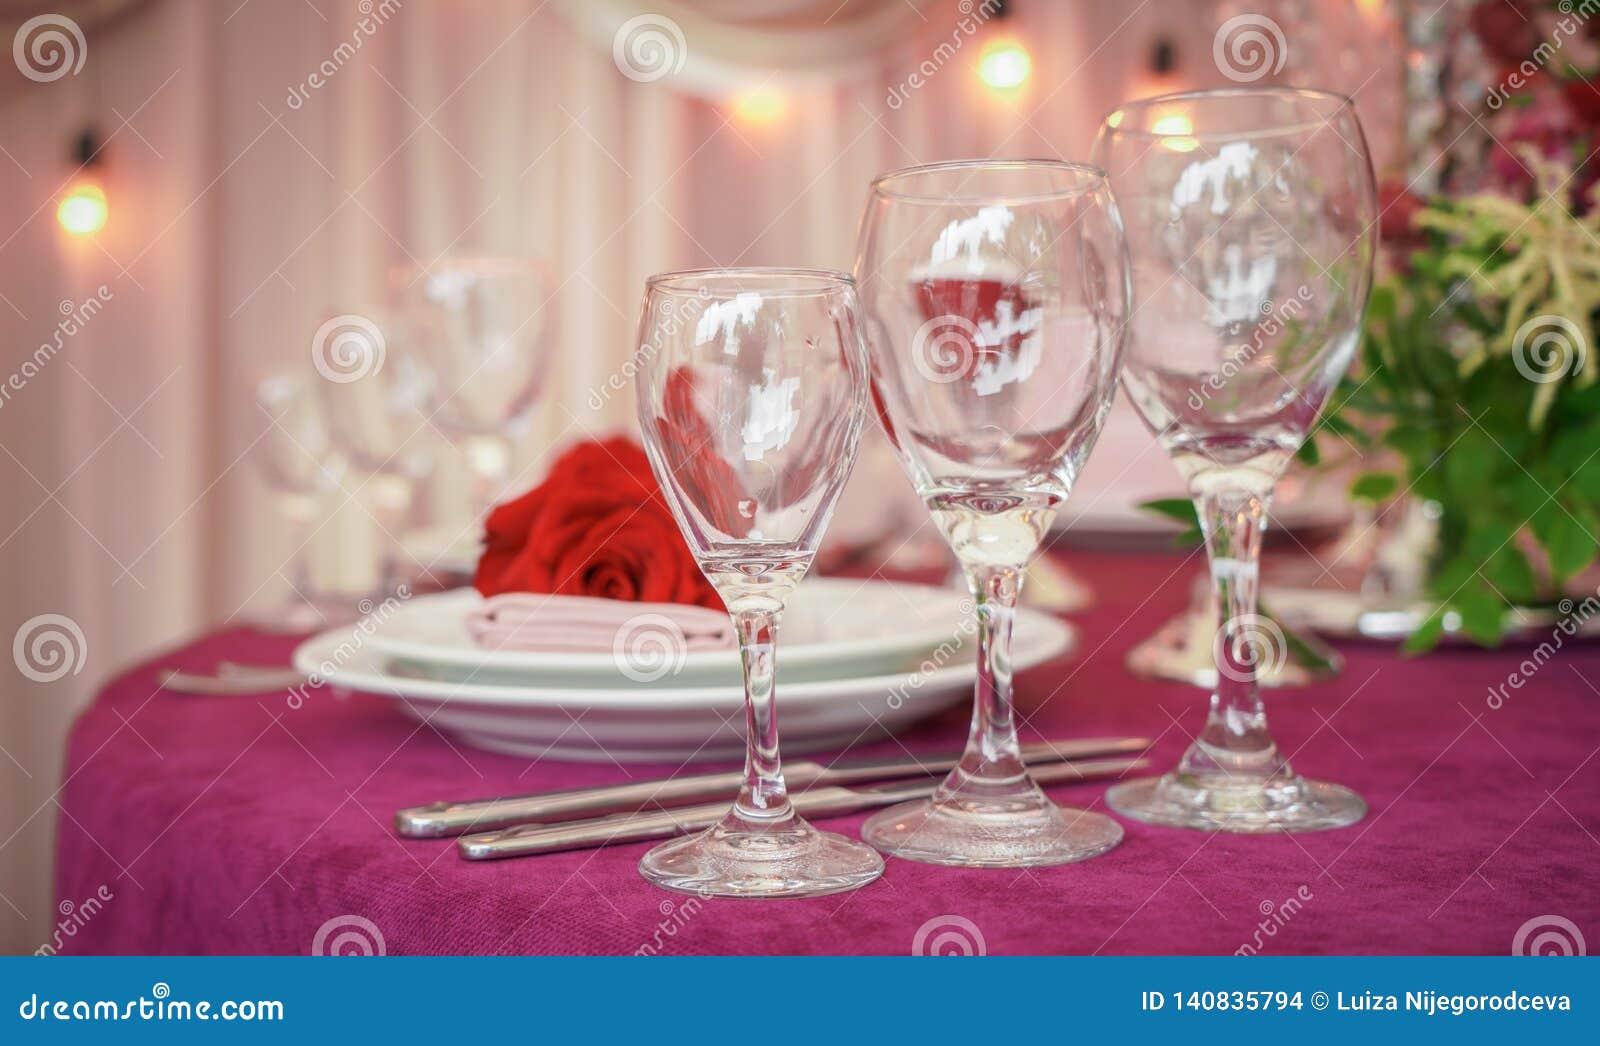 Εορταστικός γαμήλιος πίνακας που θέτει με τα κόκκινα λουλούδια, τις πετσέτες, τα εκλεκτής ποιότητας μαχαιροπήρουνα, τα γυαλιά και